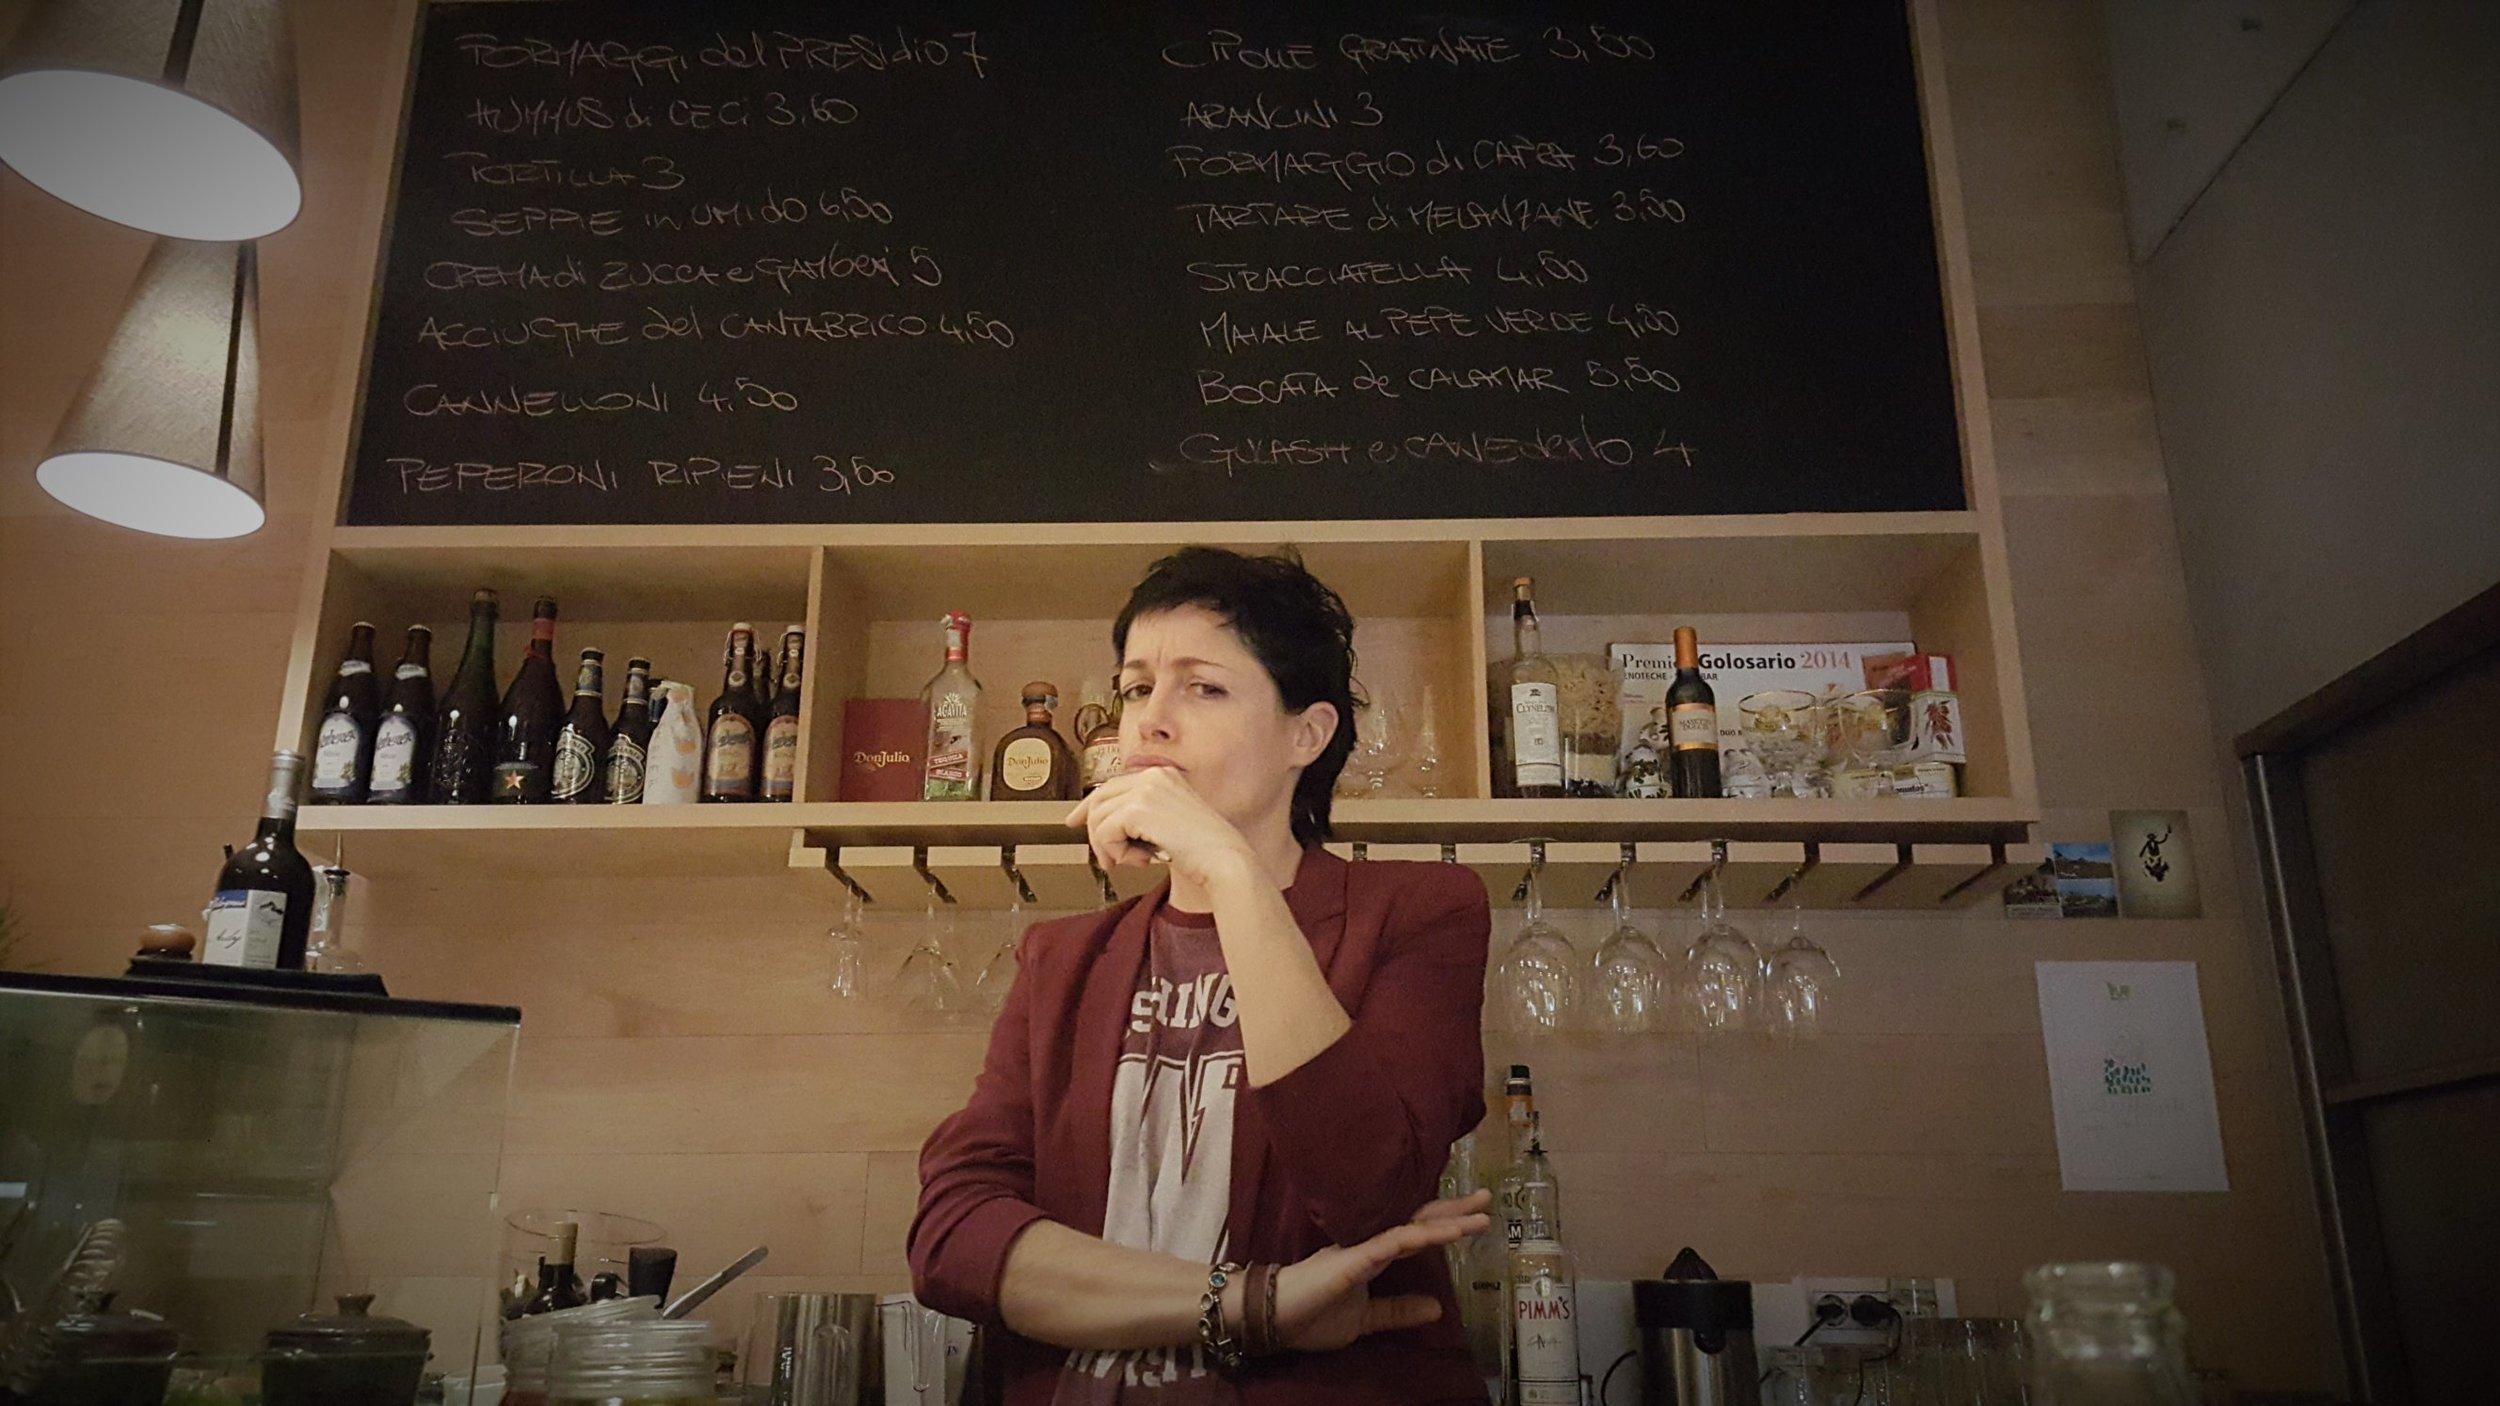 Arianna Gila, proprietaria piemontese/pugliese del locale più figo di Trento, barlady, sommelier, world traveller, e soprattutto persona bellissima